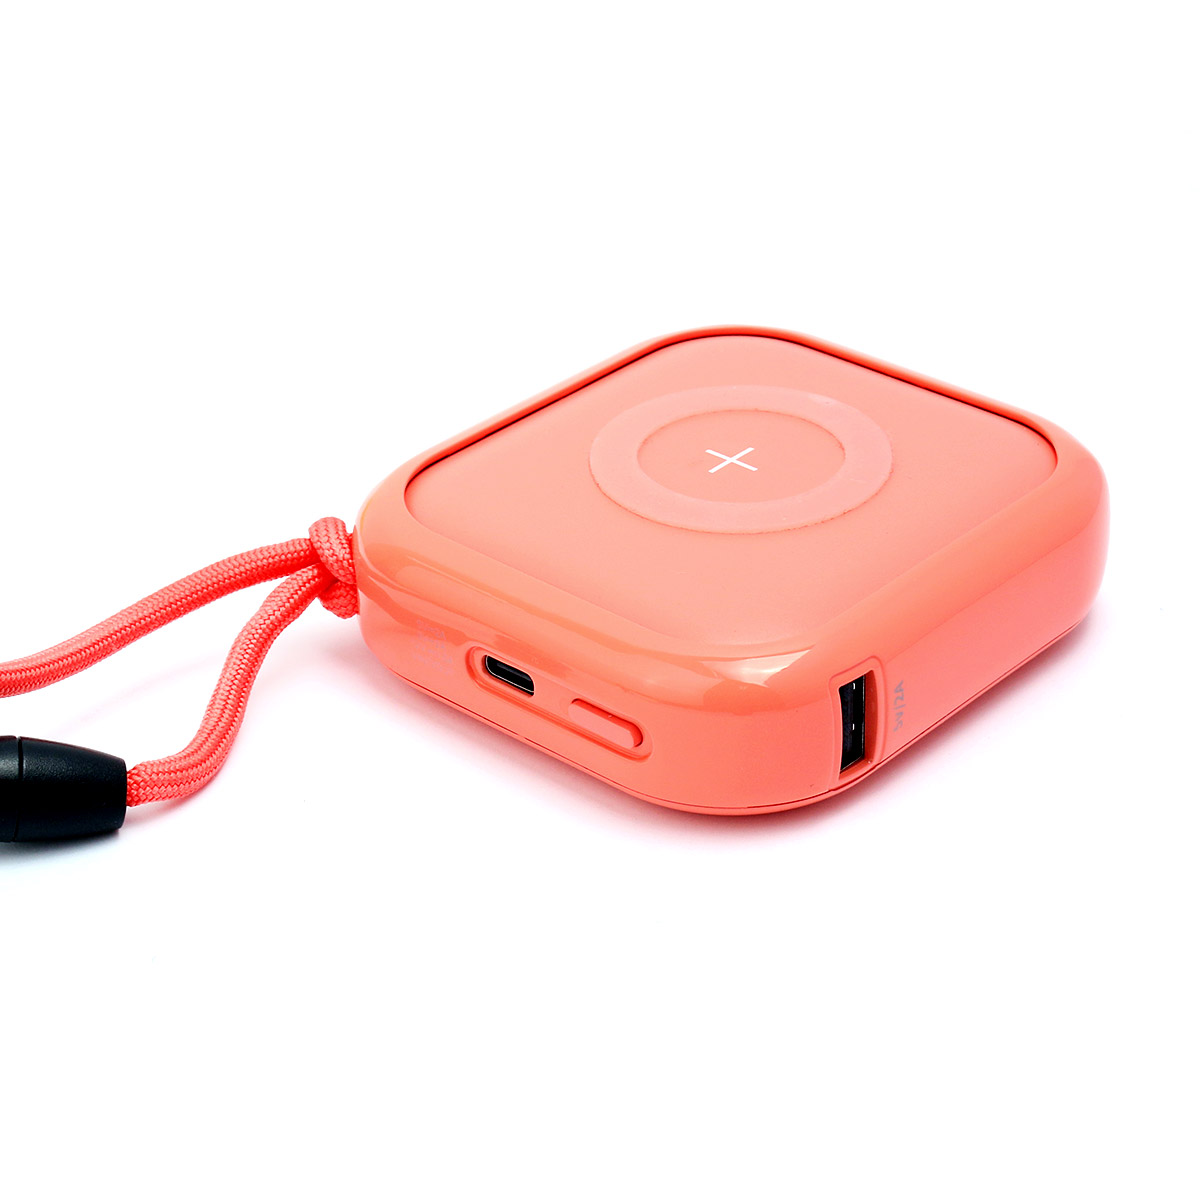 MIPOW ワイヤレスモバイルバッテリー POWER CUBE PRO 10,000mAh コーラルピンク